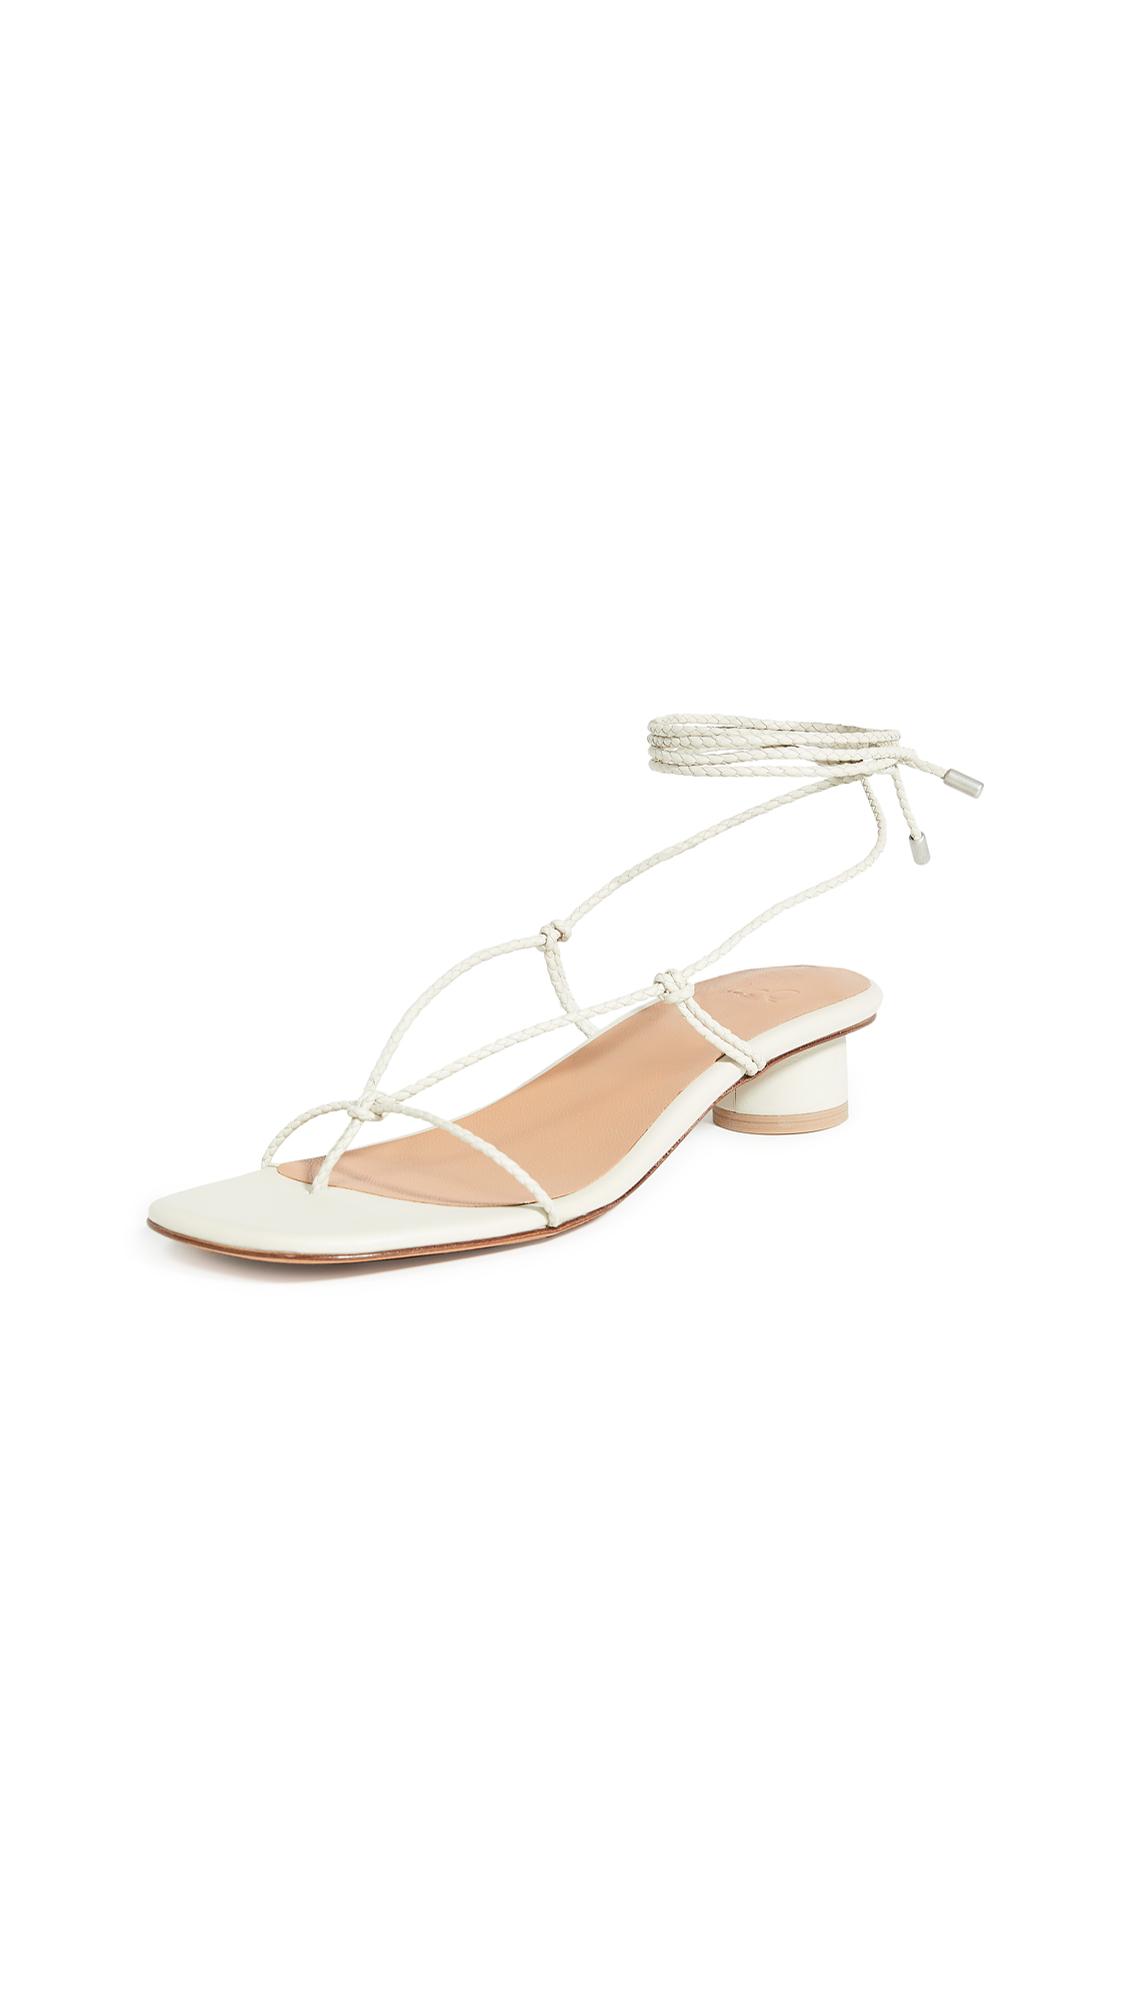 Buy LOQ Dora Lace Up Sandals online, shop LOQ